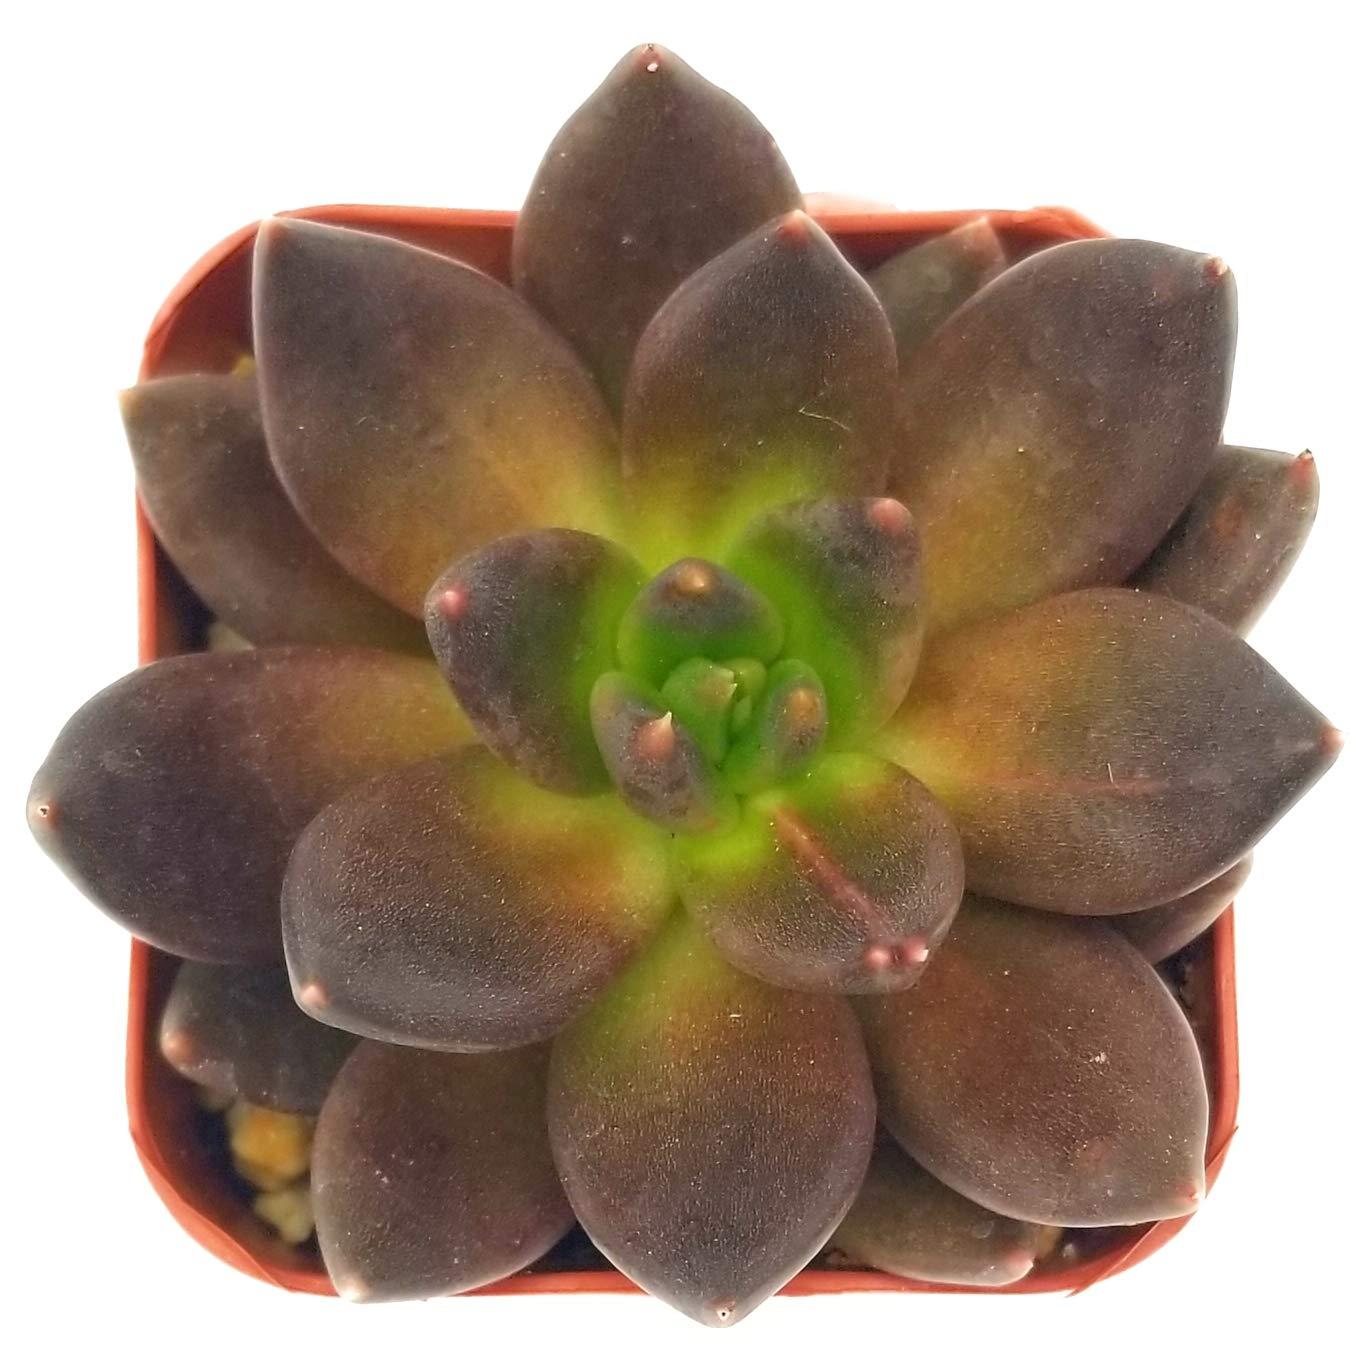 Fat Plants San Diego Live Echeveria Succulent Plant (2 inch, Black Prince)